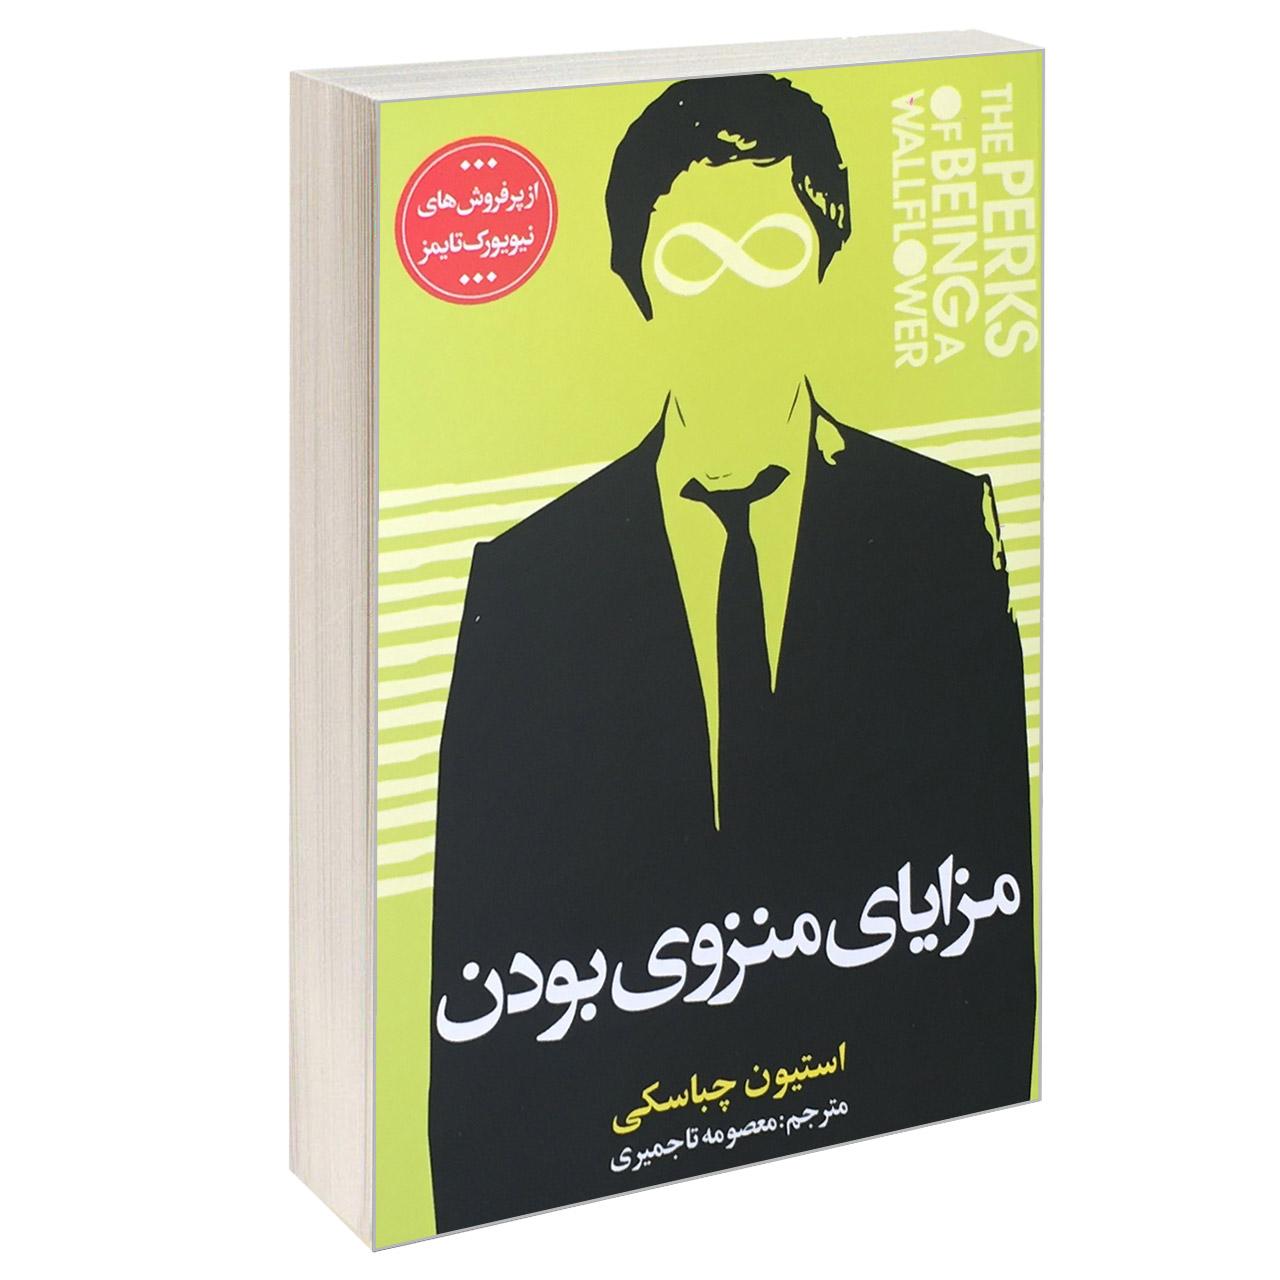 خرید                      کتاب مزایای منزوی بودن اثر استیون چباسکی انتشارات آثار امین